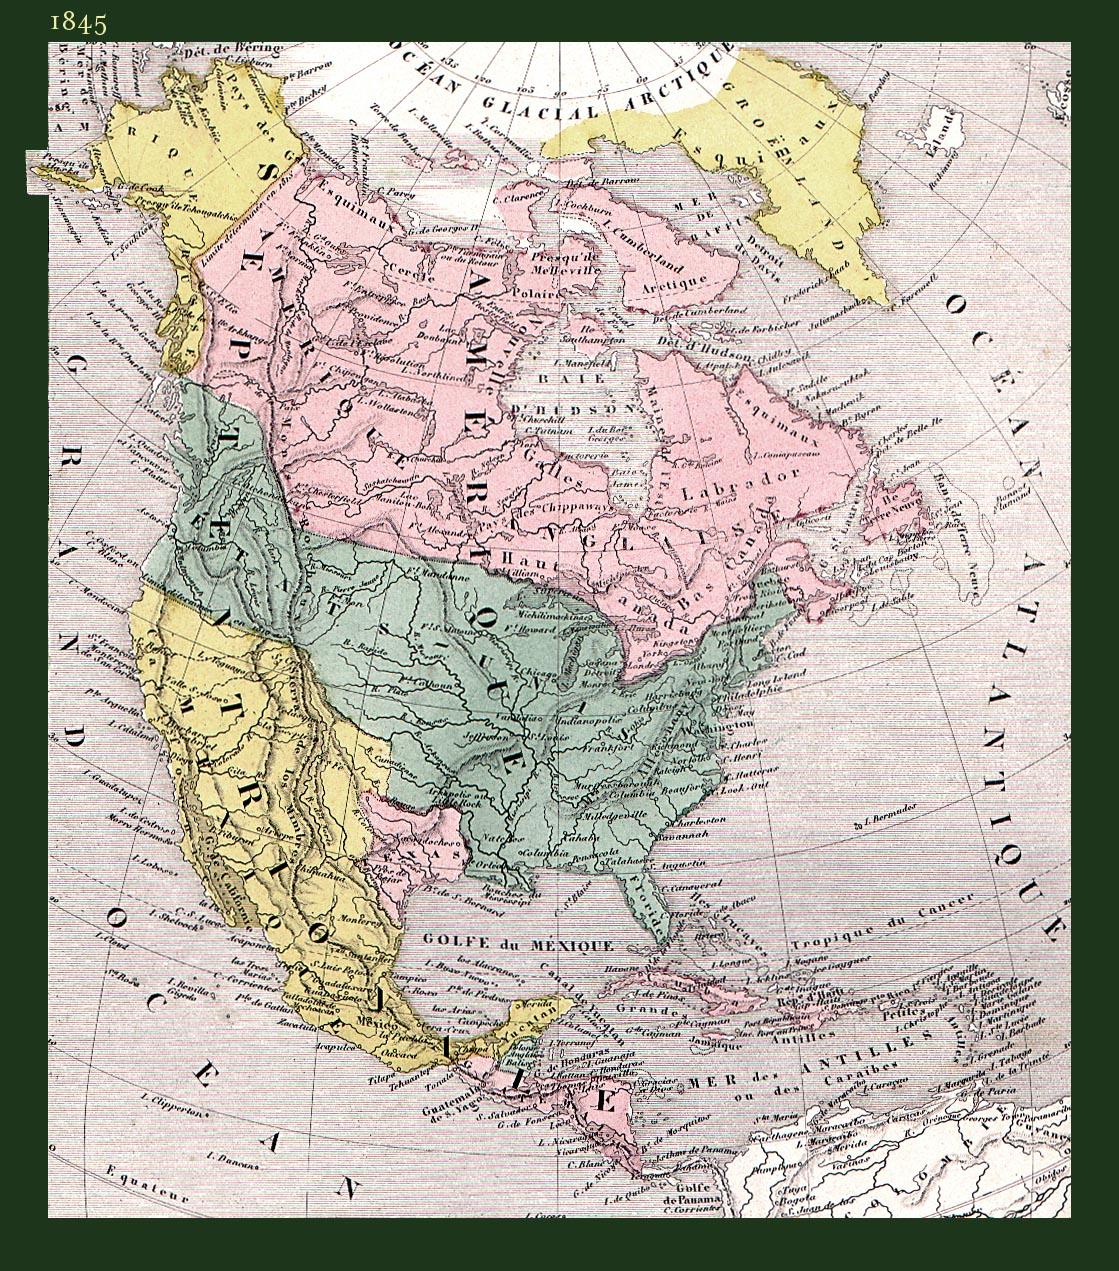 Mapa histórico de América del Norte 1845